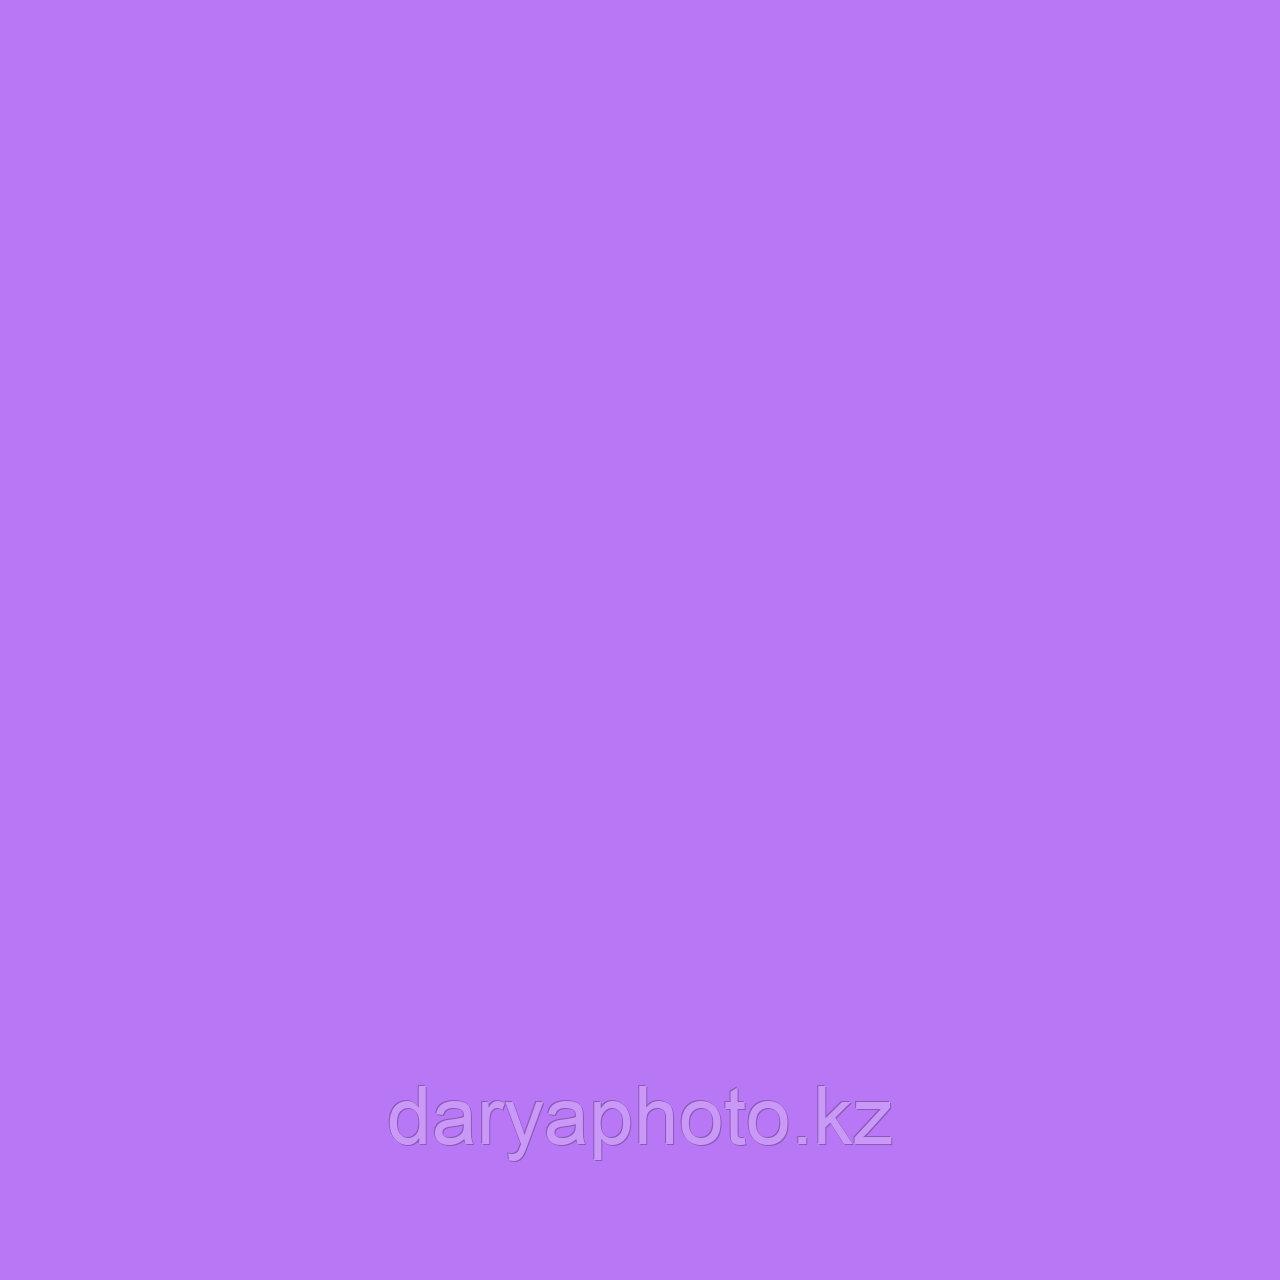 Фиолетовый cветлый Фон бумажный. Фотофон. Фон для фотостудии